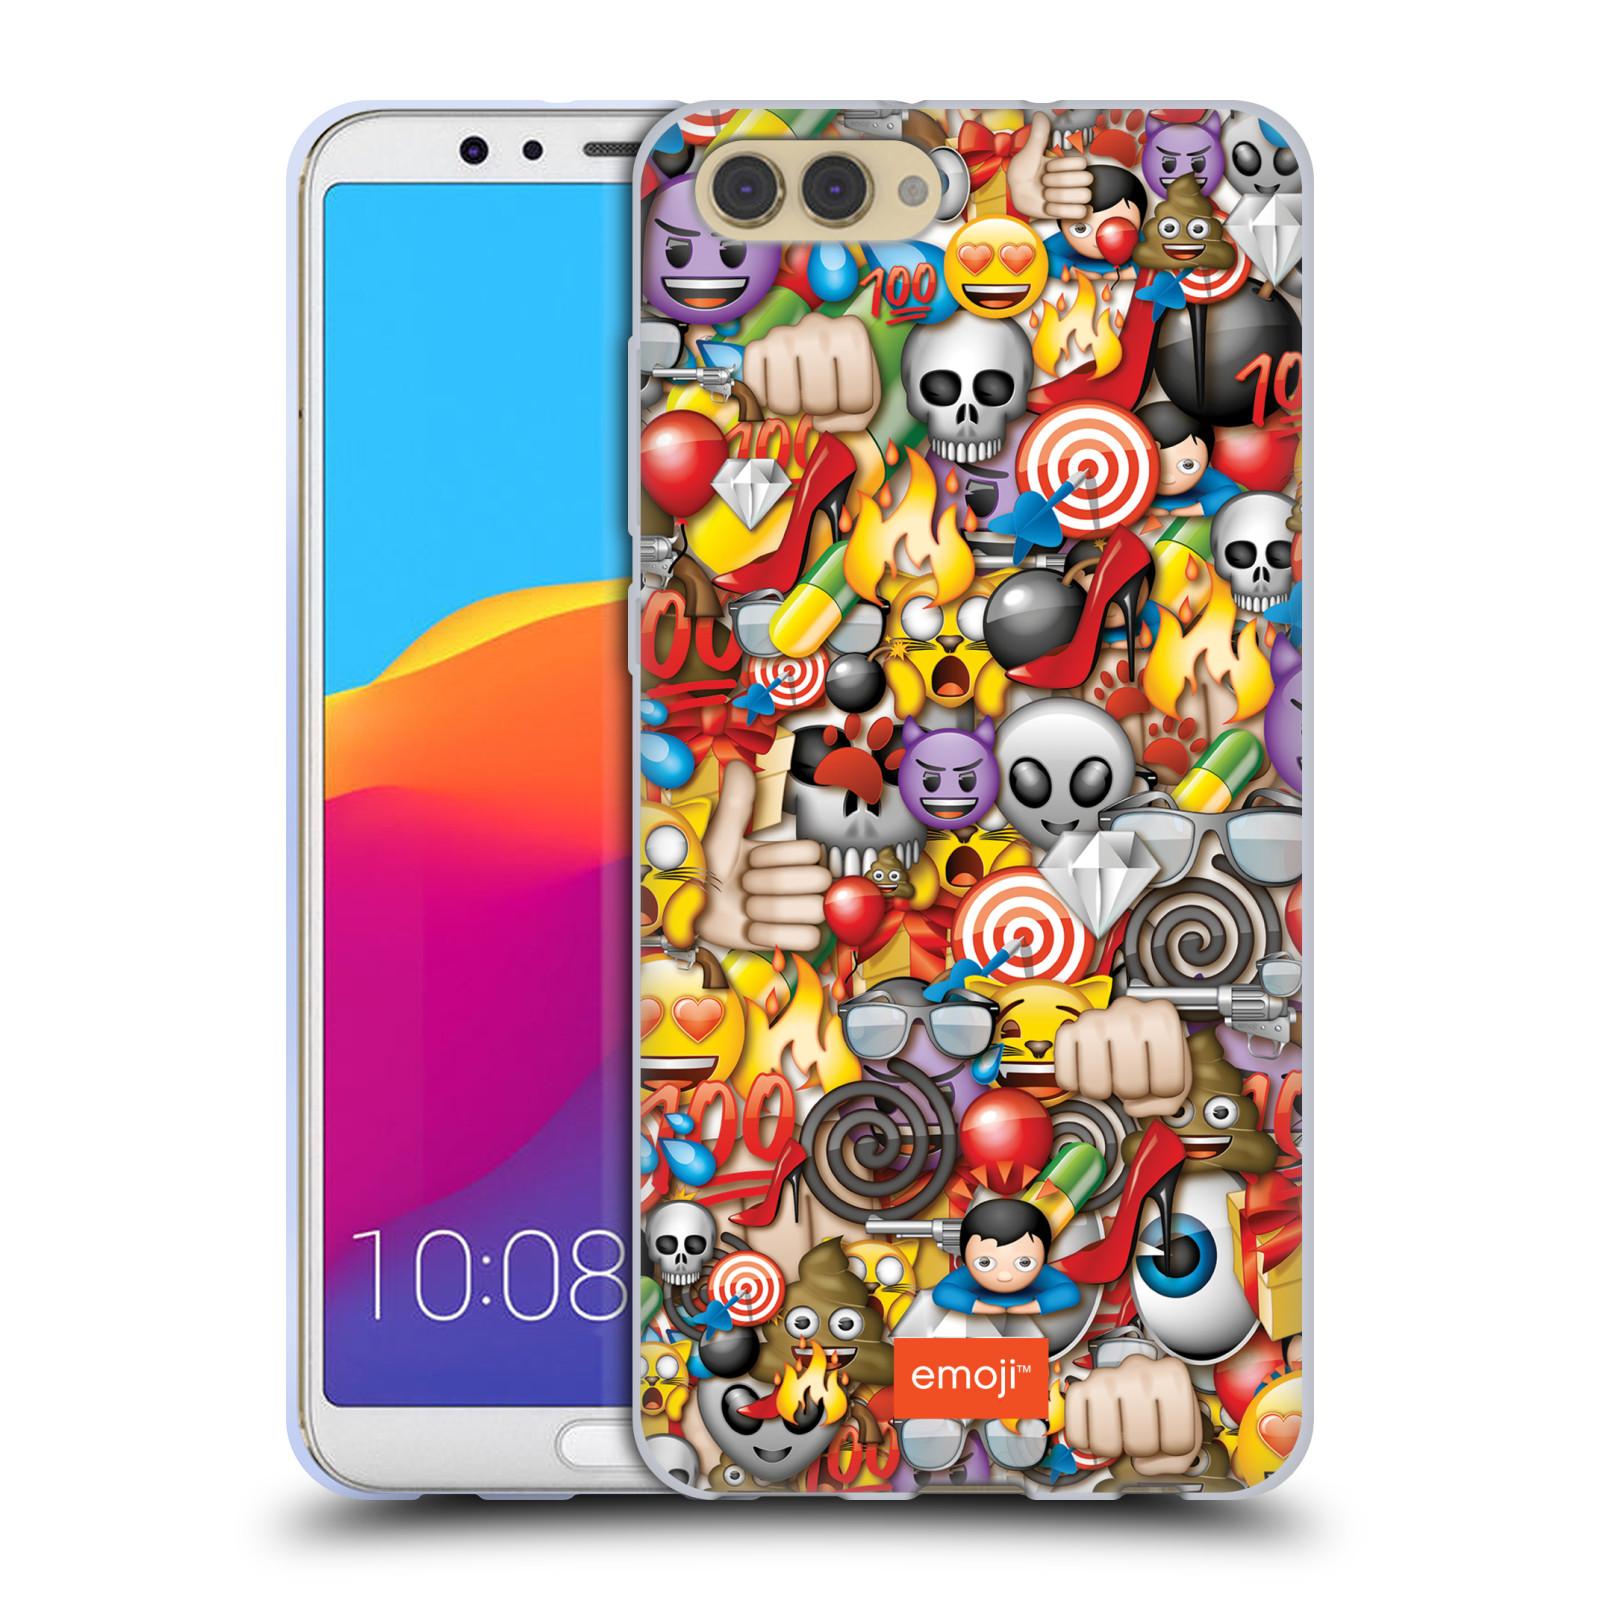 HEAD CASE silikonový obal na mobil Huawei HONOR VIEW 10 / V10 smajlíci oficiální kryt EMOJI vzor tlačenice